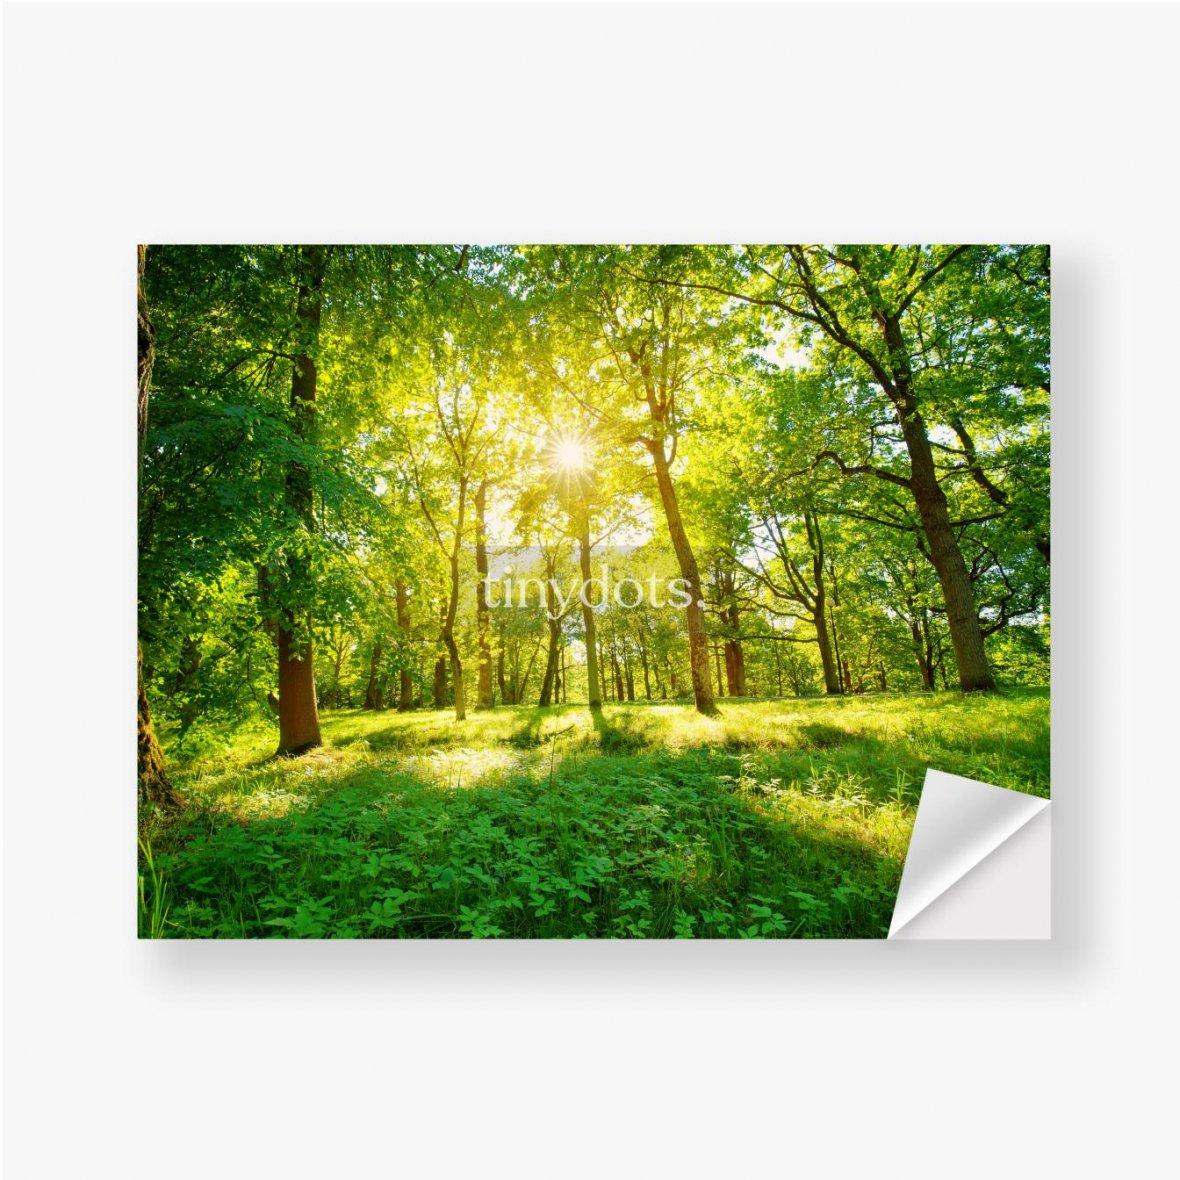 Aufkleber Altes Eichenlaub im Morgenlicht mit Sonnenlicht. Waldlandschaft.